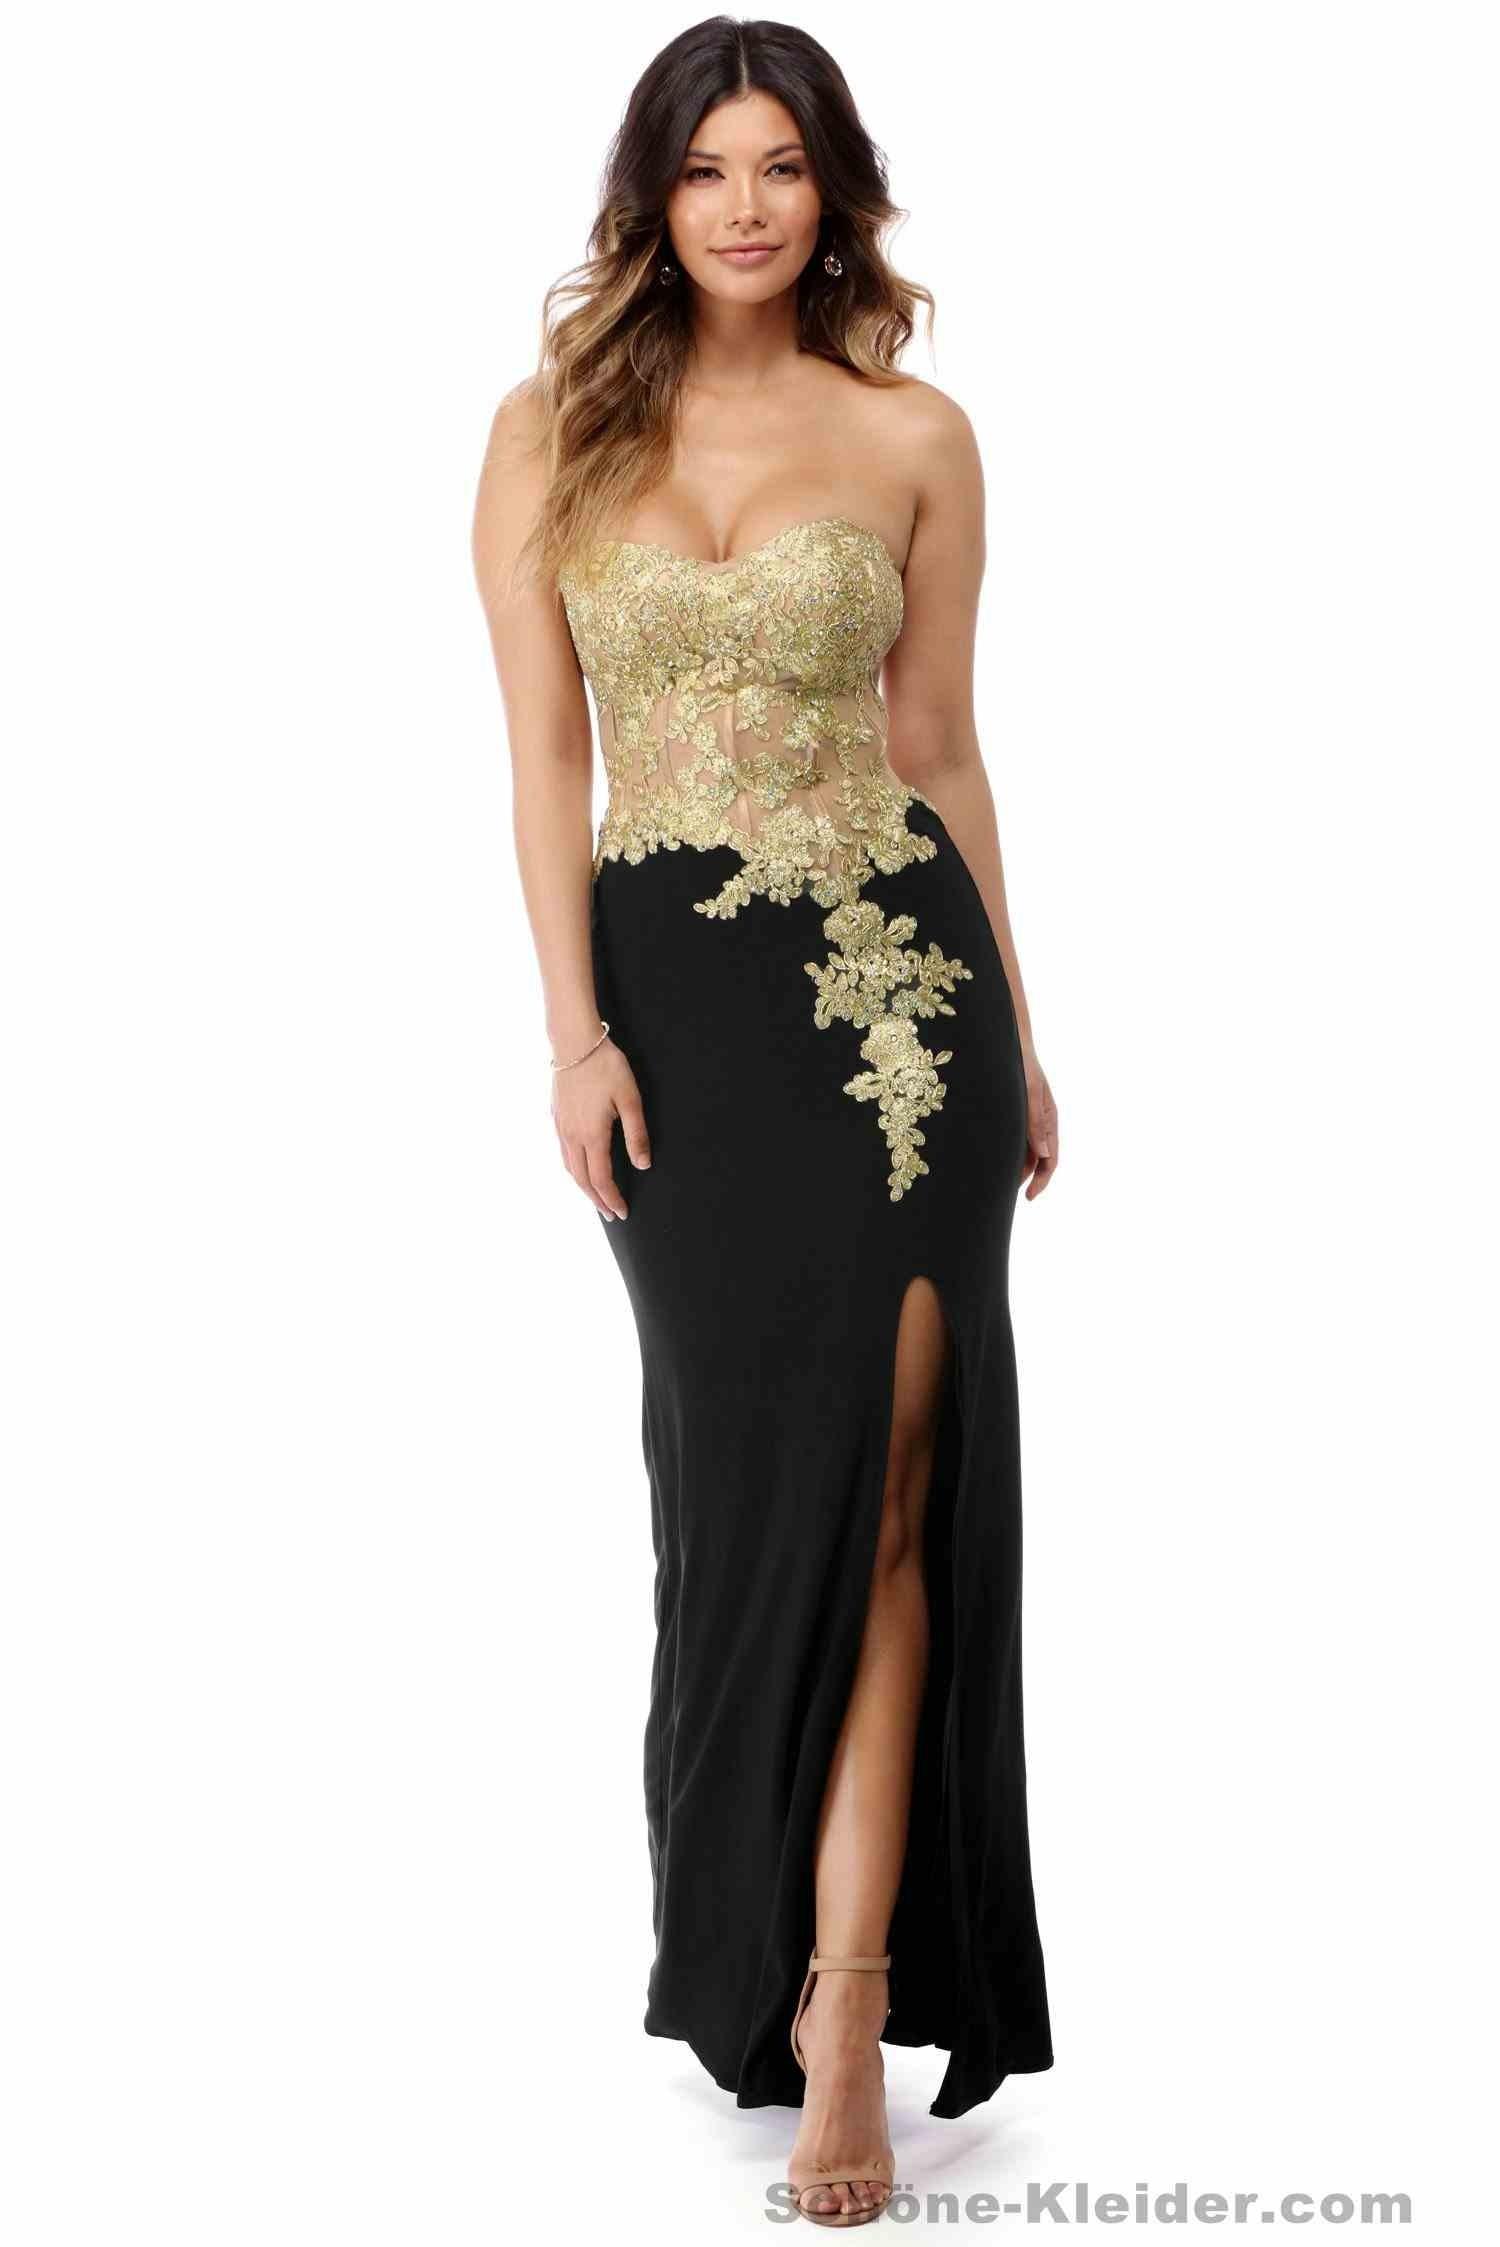 15 Genial Kleider Abendkleider Lang für 201920 Cool Kleider Abendkleider Lang Spezialgebiet